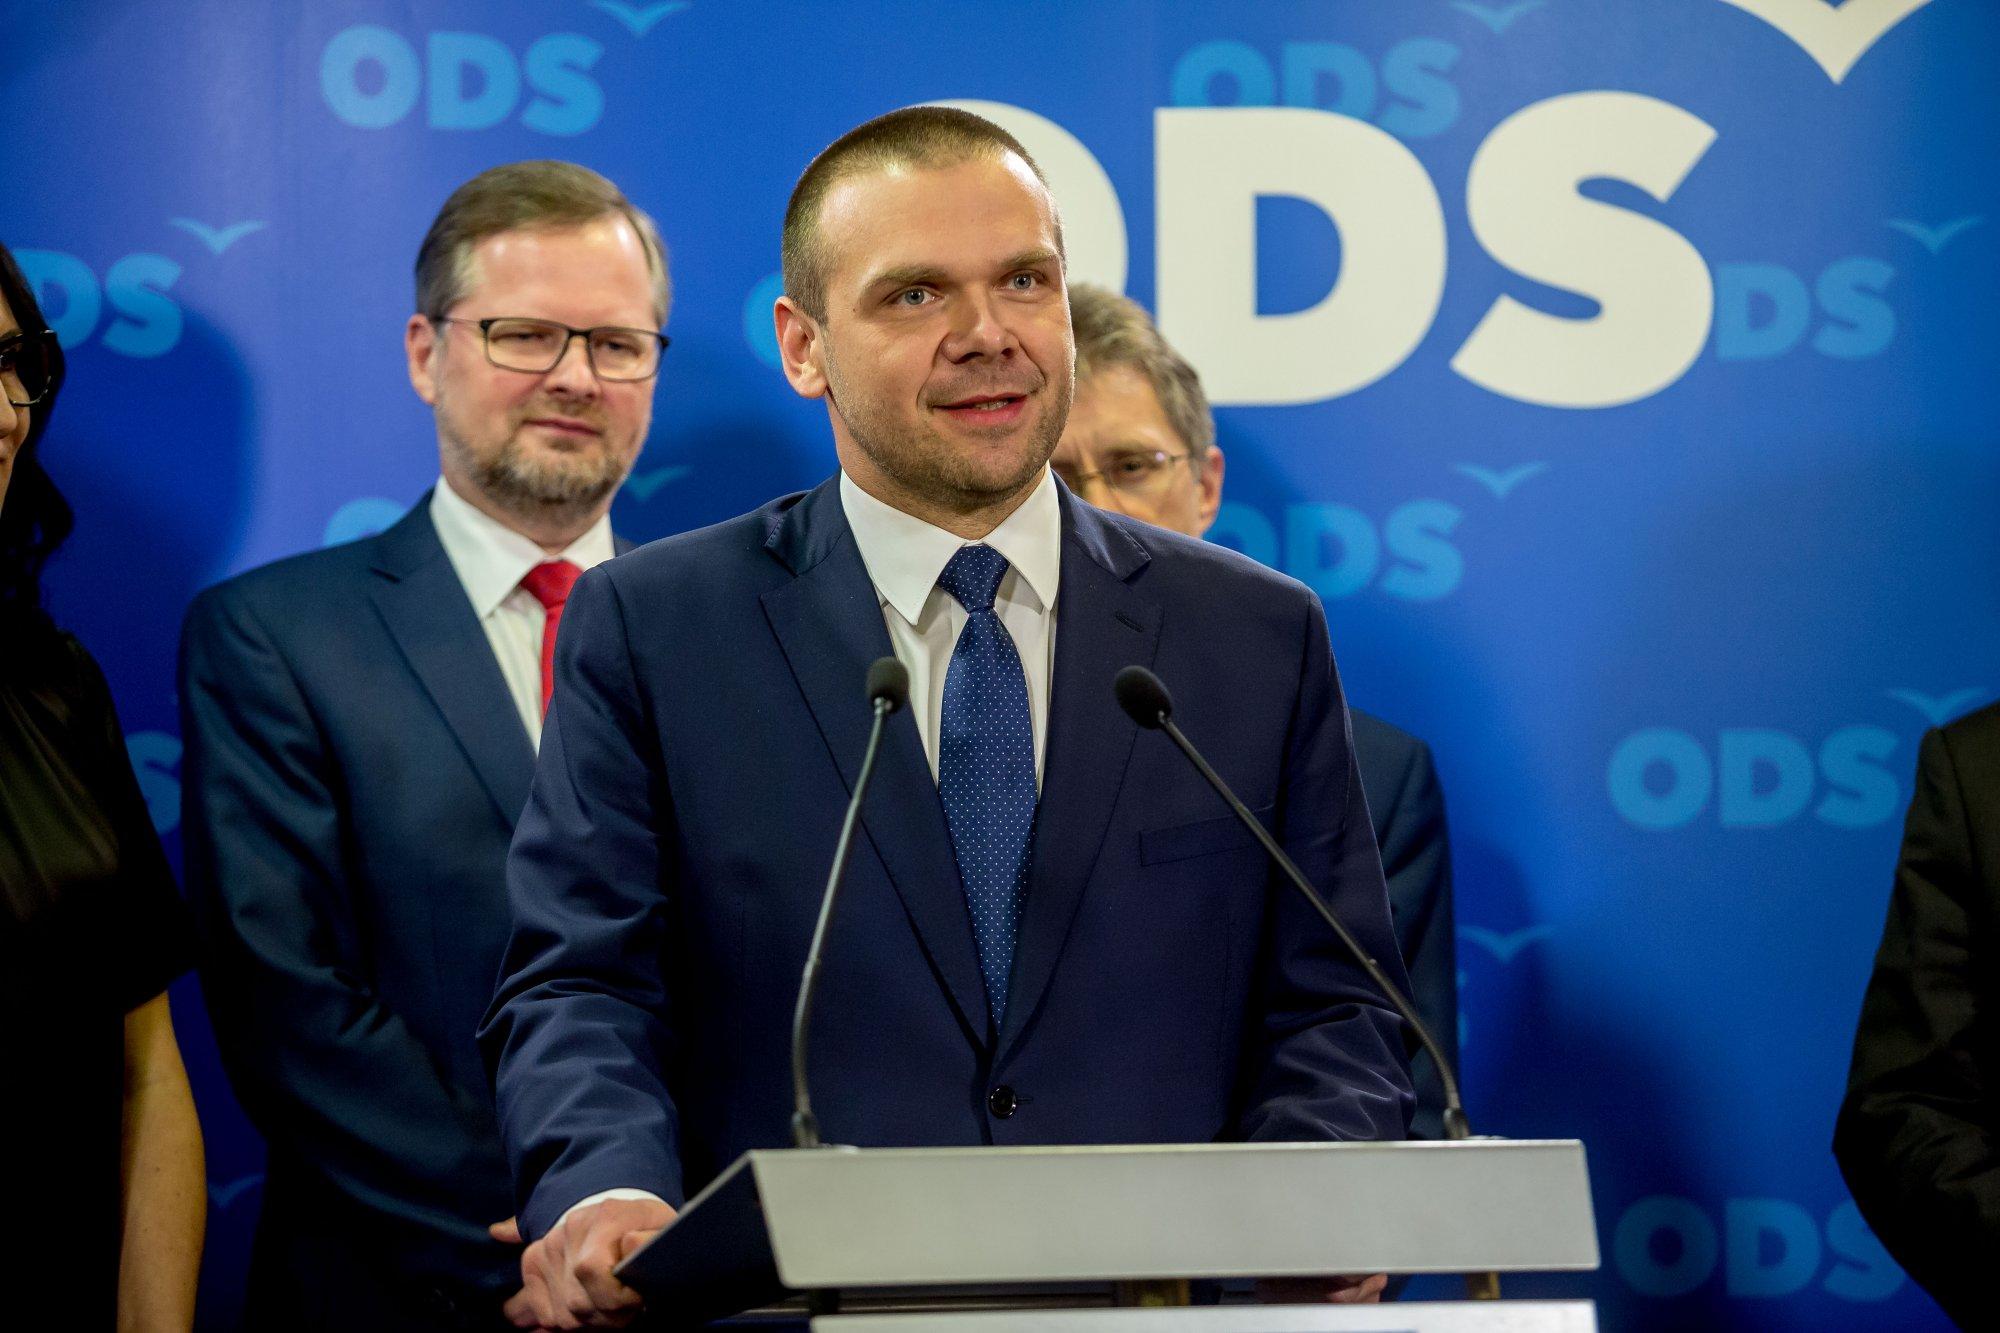 Stávka problémy českého školství neřeší, ale rozumím učitelům, které tato vláda opakovaně podvedla